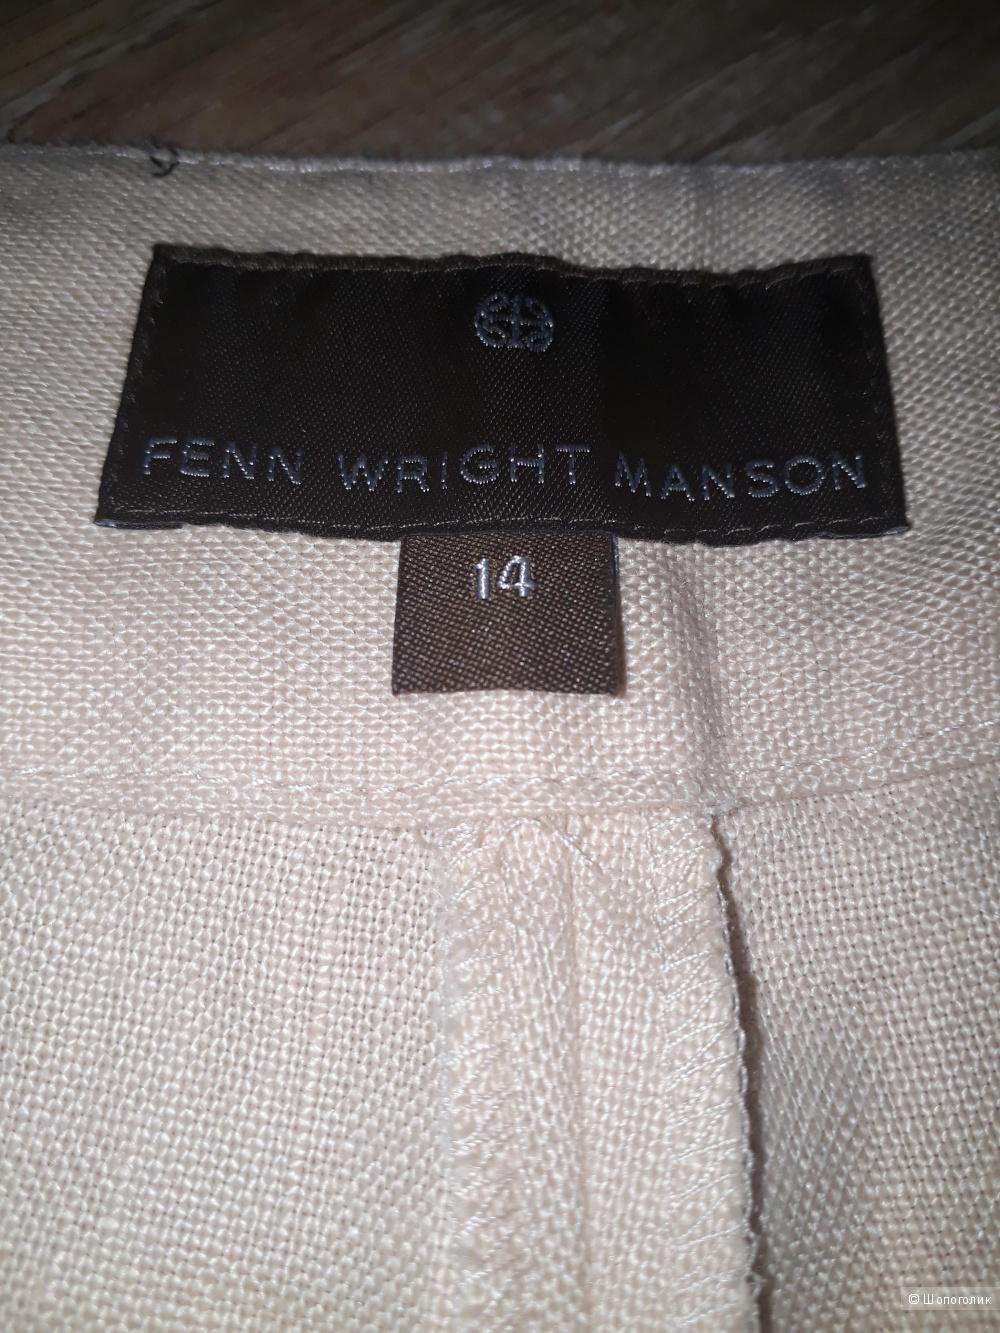 Брюки- паллацо fenn wright manson, размер 14